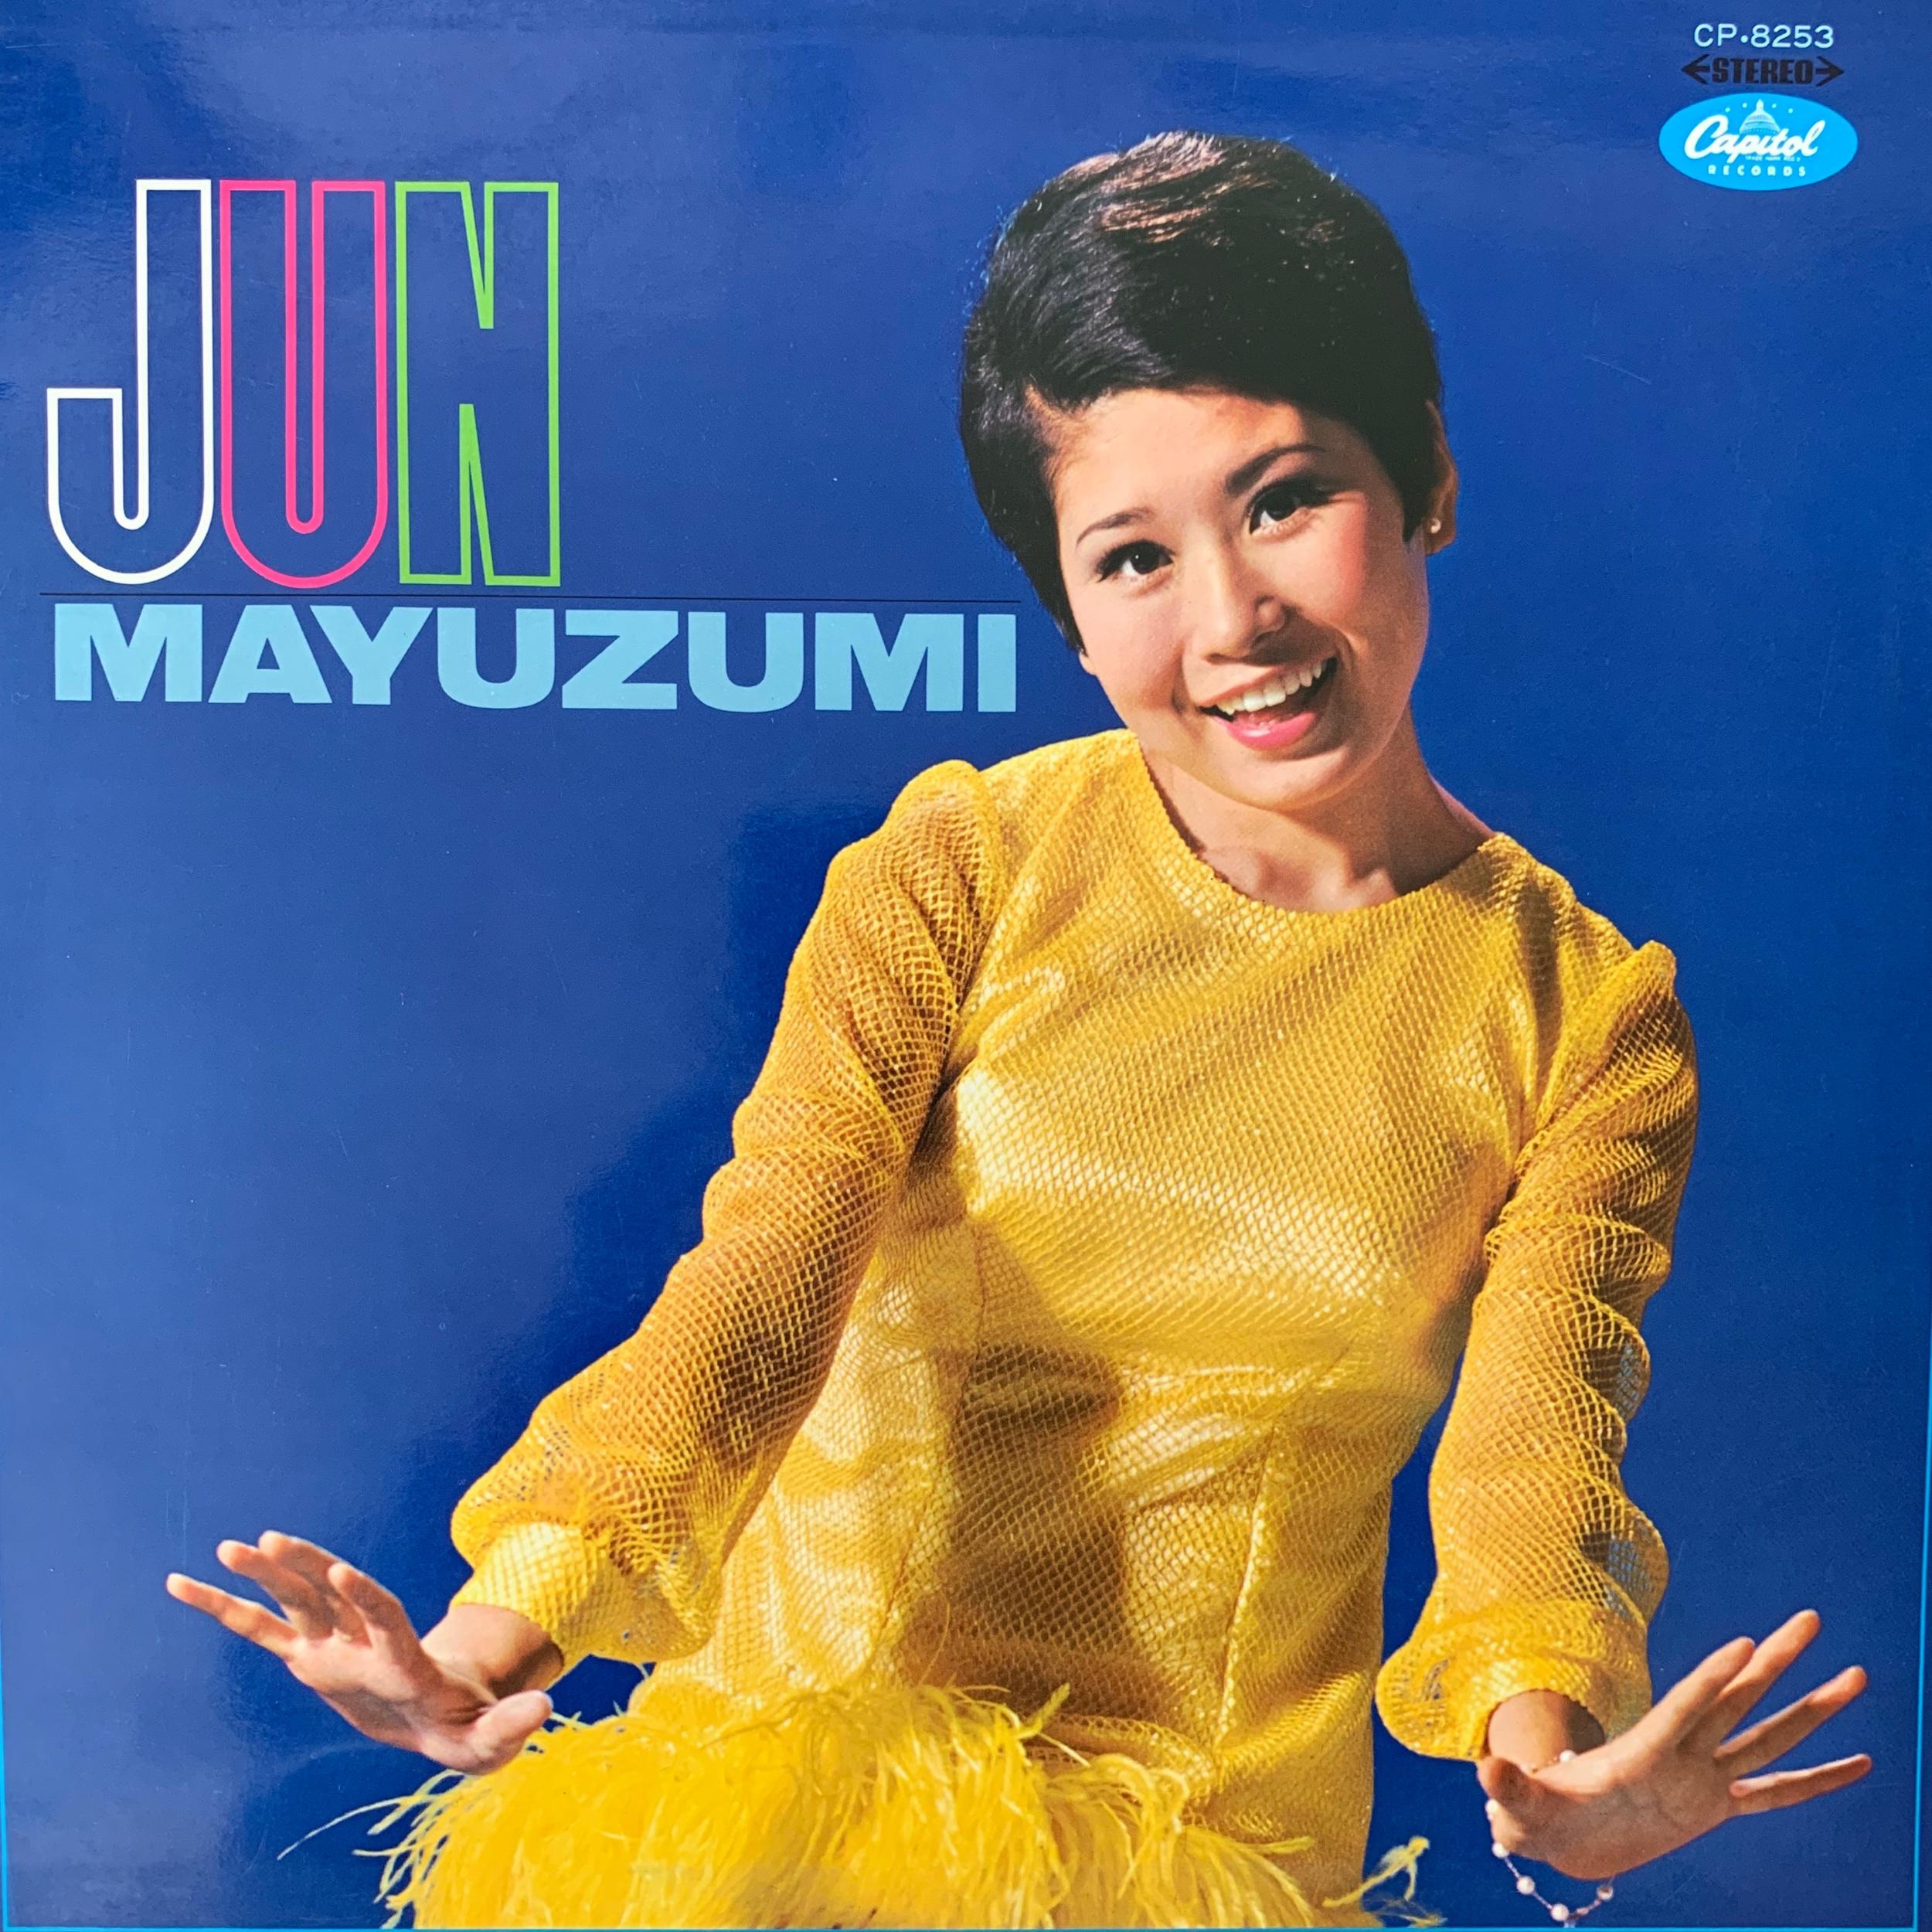 Jun Mayuzumi, 1967